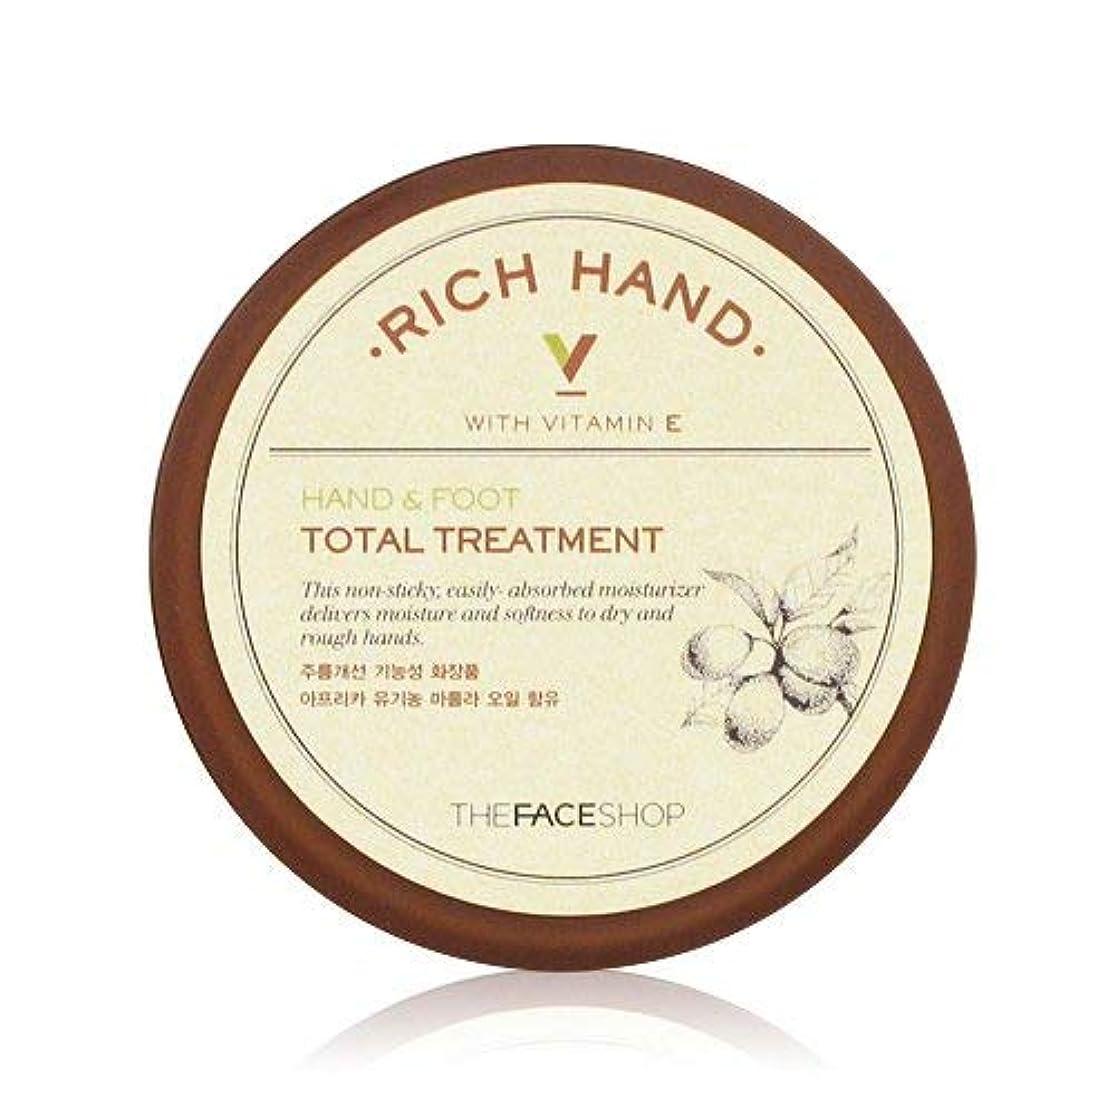 動かす論理的に値THE FACE SHOP Rich Hand V Hand and Foot Total Treatment ザフェイスショップ リッチハンド V ハンド? フット トータルトリートメント [並行輸入品]